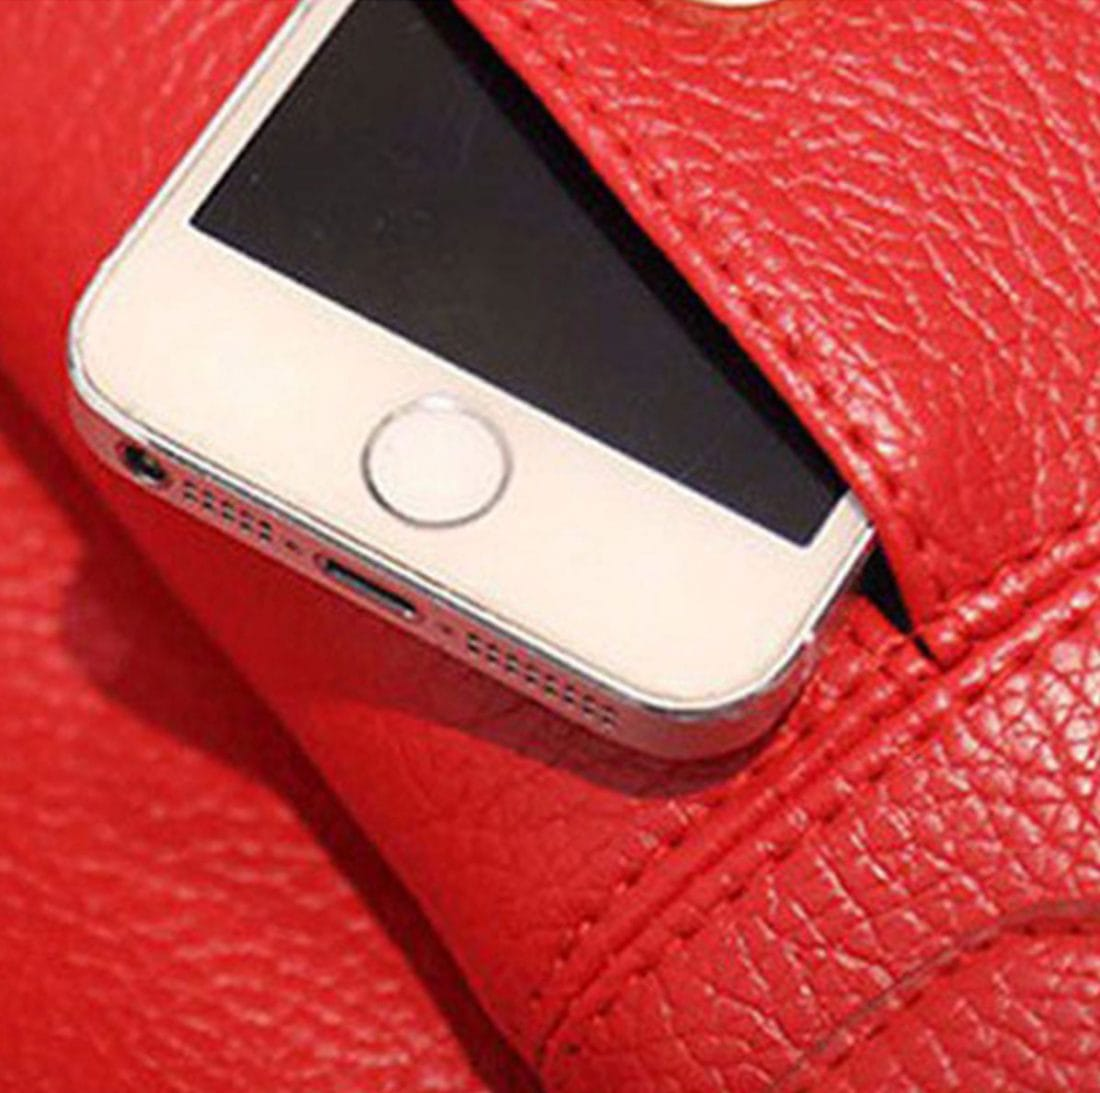 M0192 red4 Clutches Purses Wallets maureens.com boutique